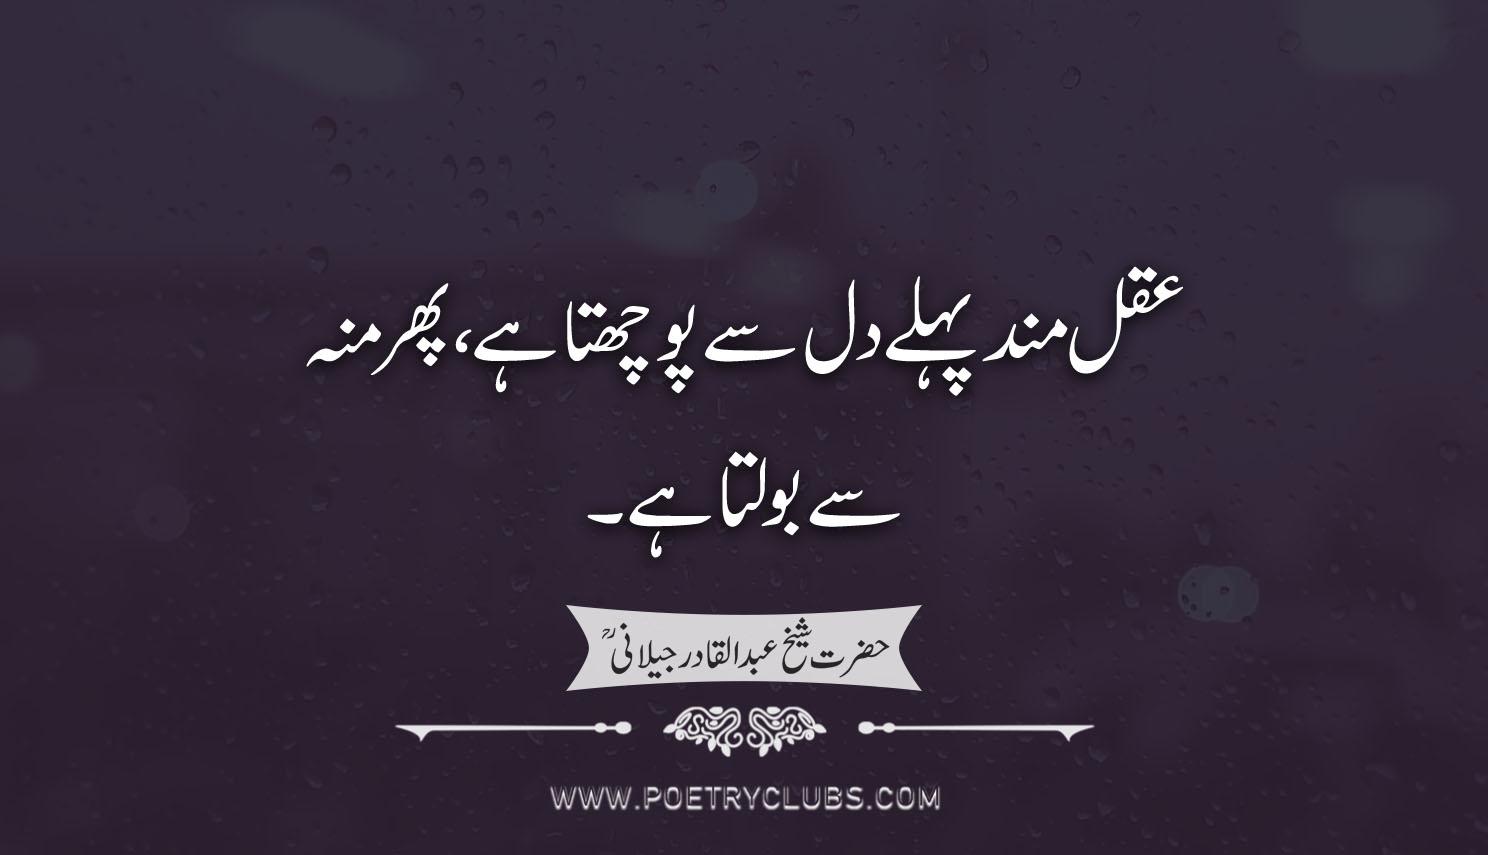 Powerful Spiritual Quotes - Famous Inspiring Urdu Quotes